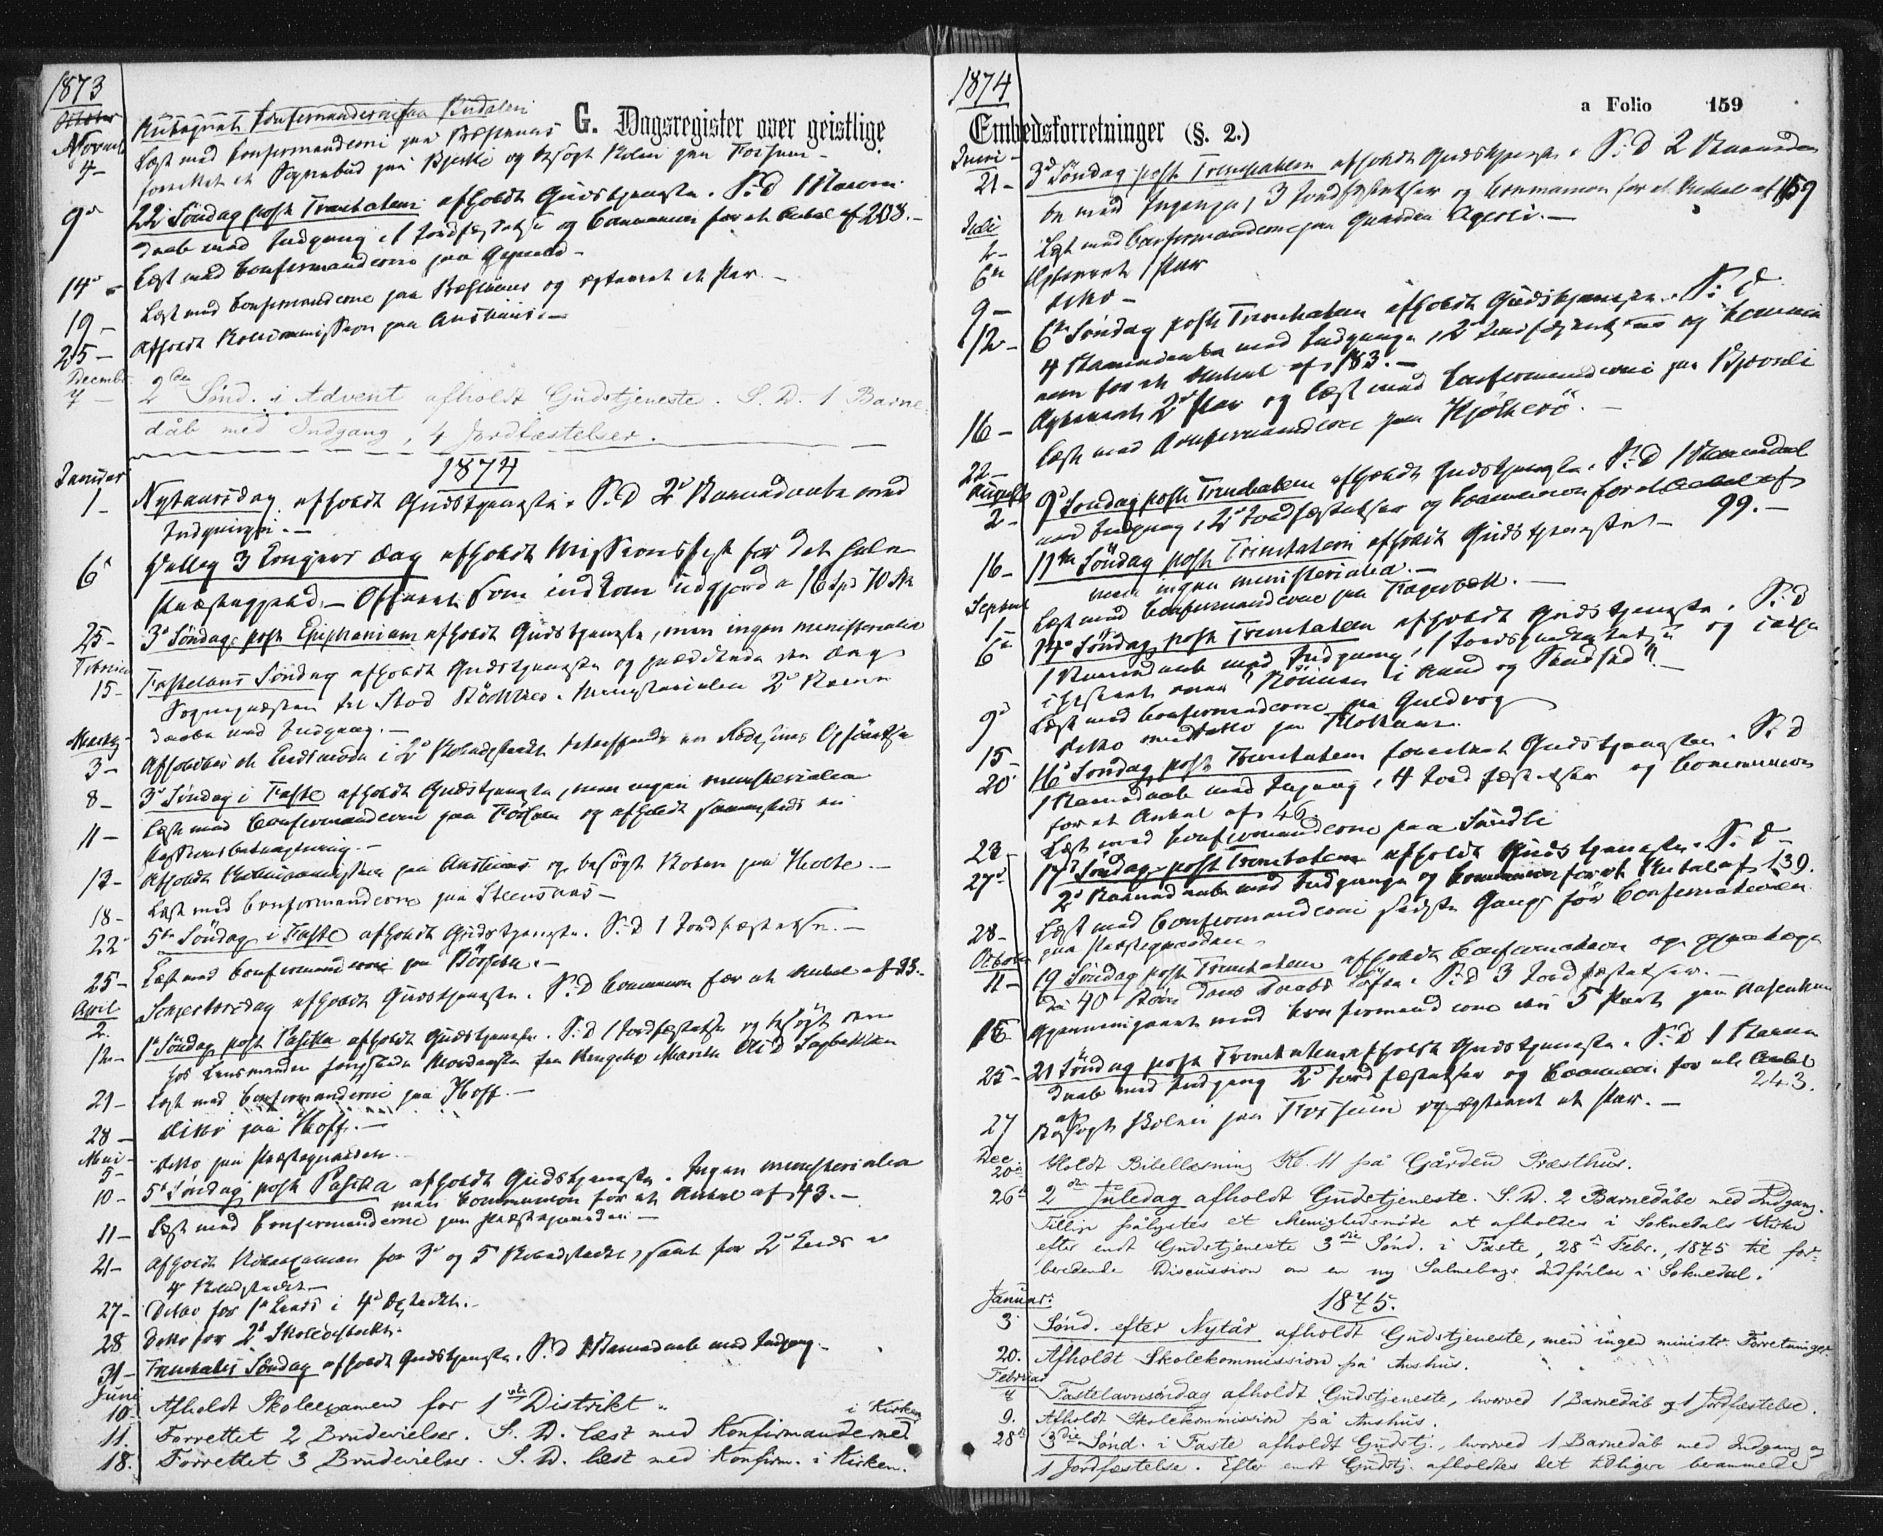 SAT, Ministerialprotokoller, klokkerbøker og fødselsregistre - Sør-Trøndelag, 689/L1039: Ministerialbok nr. 689A04, 1865-1878, s. 159